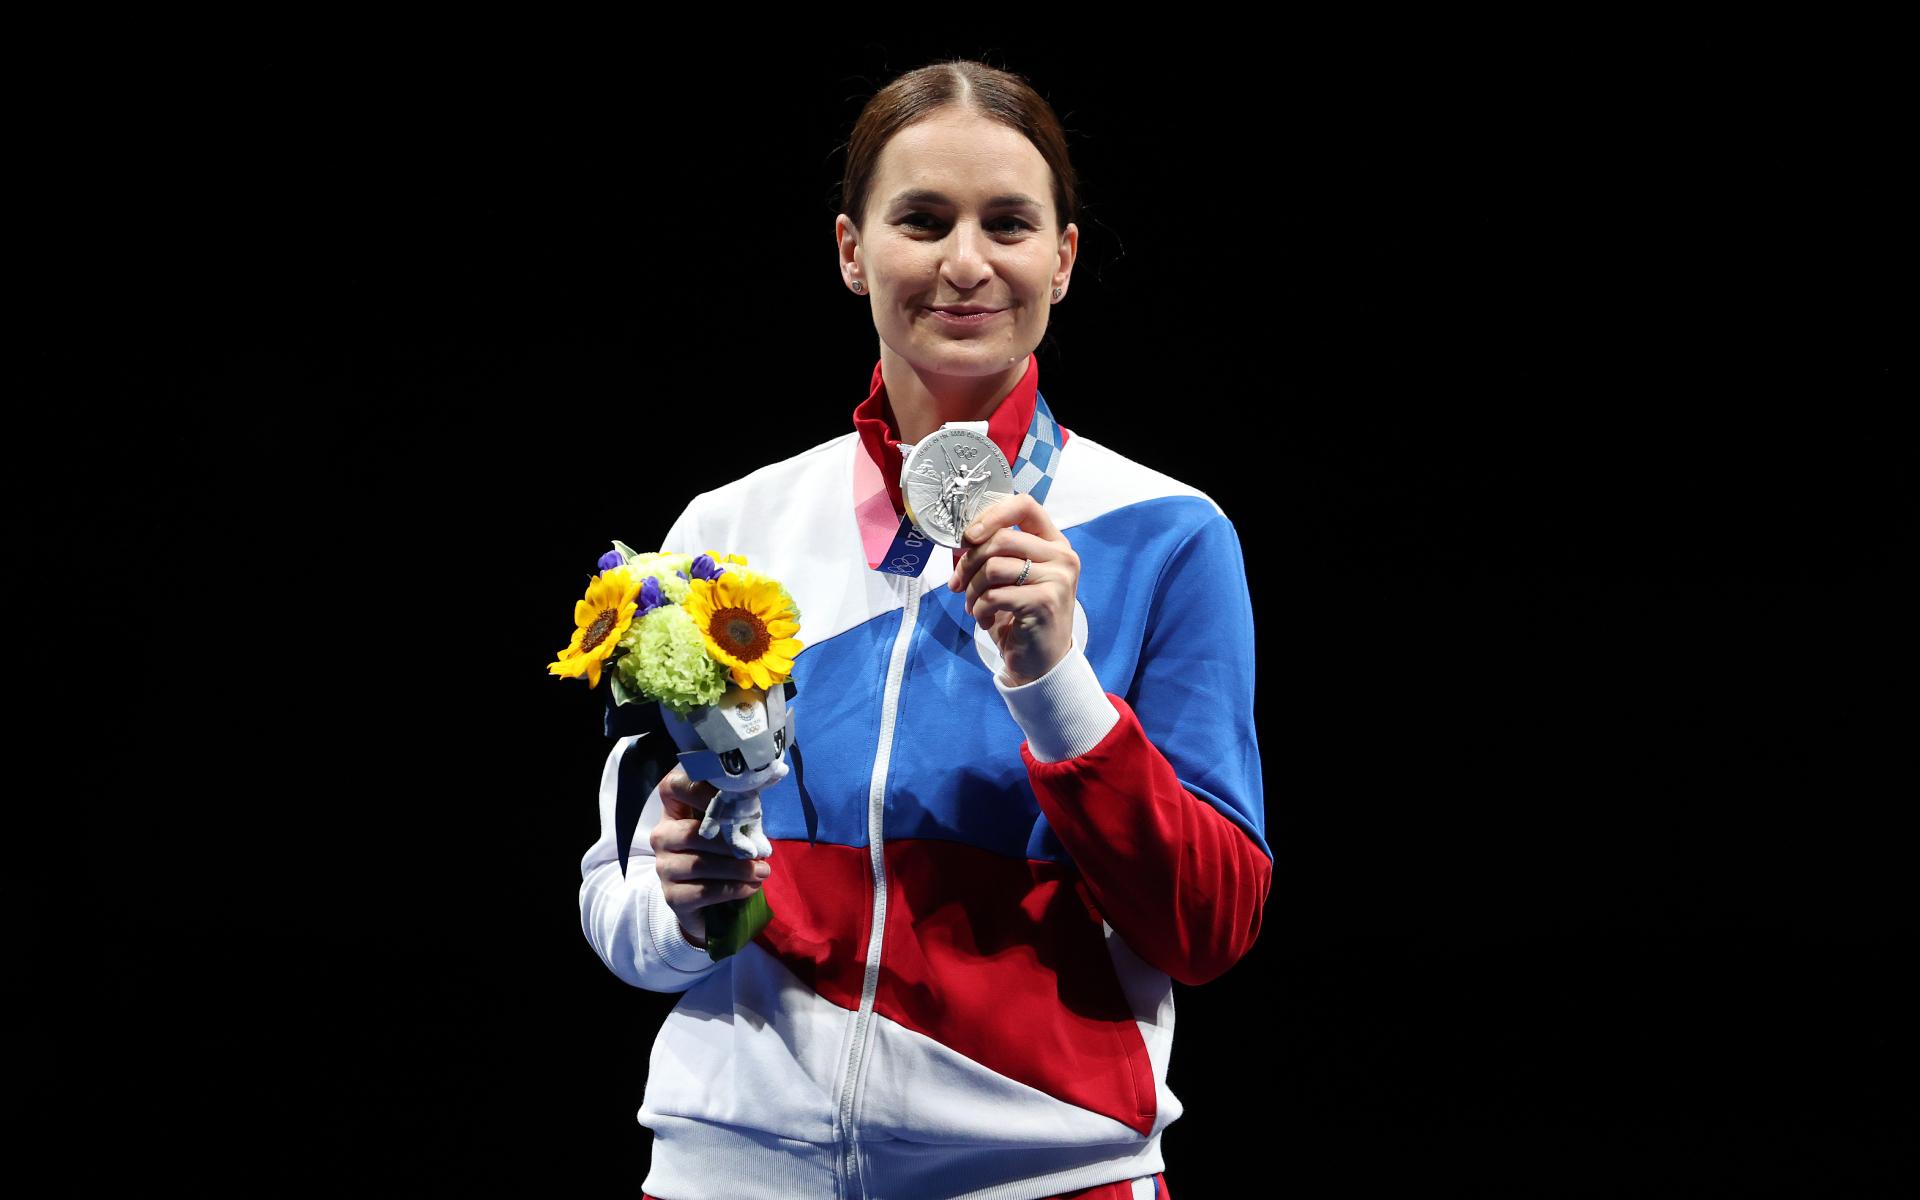 Фото: Софья Великая (Julian Finney/Getty Images)